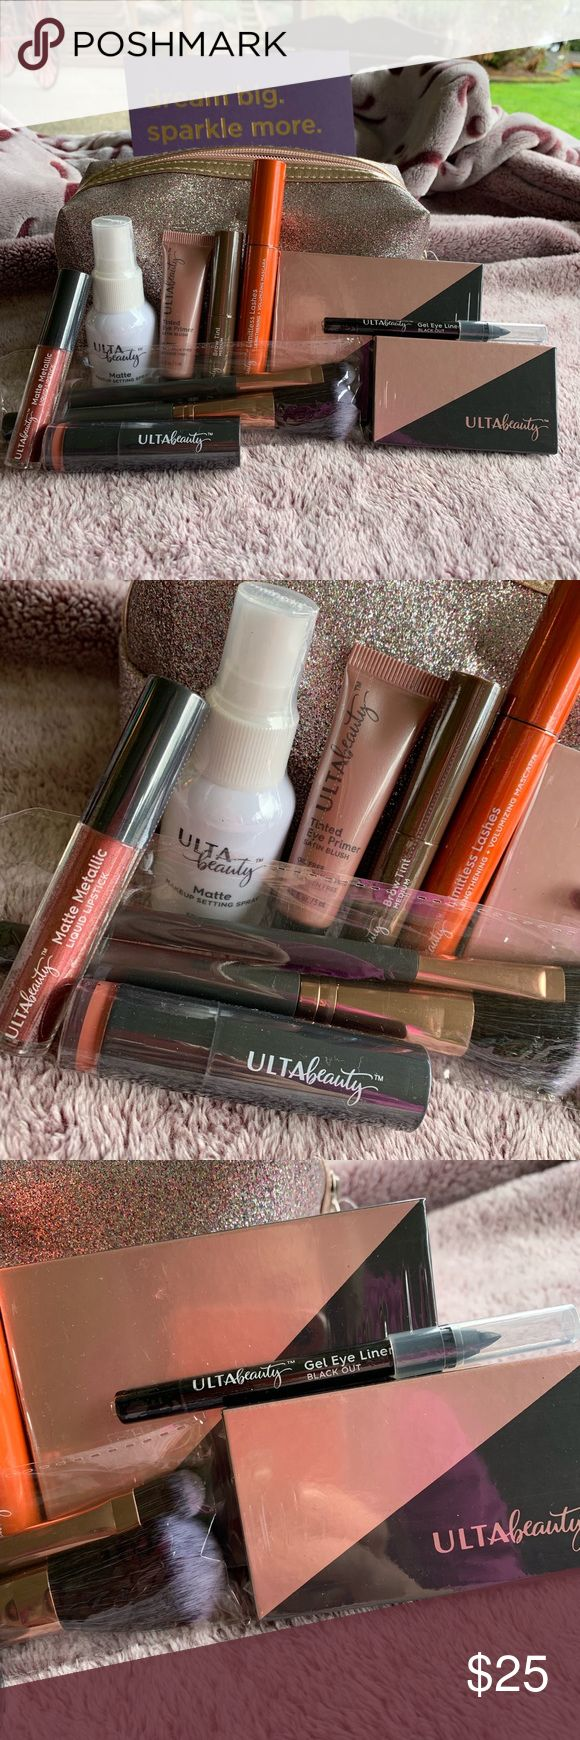 Ulta Makeup Face & Eyes Set Ulta makeup, Makeup setting